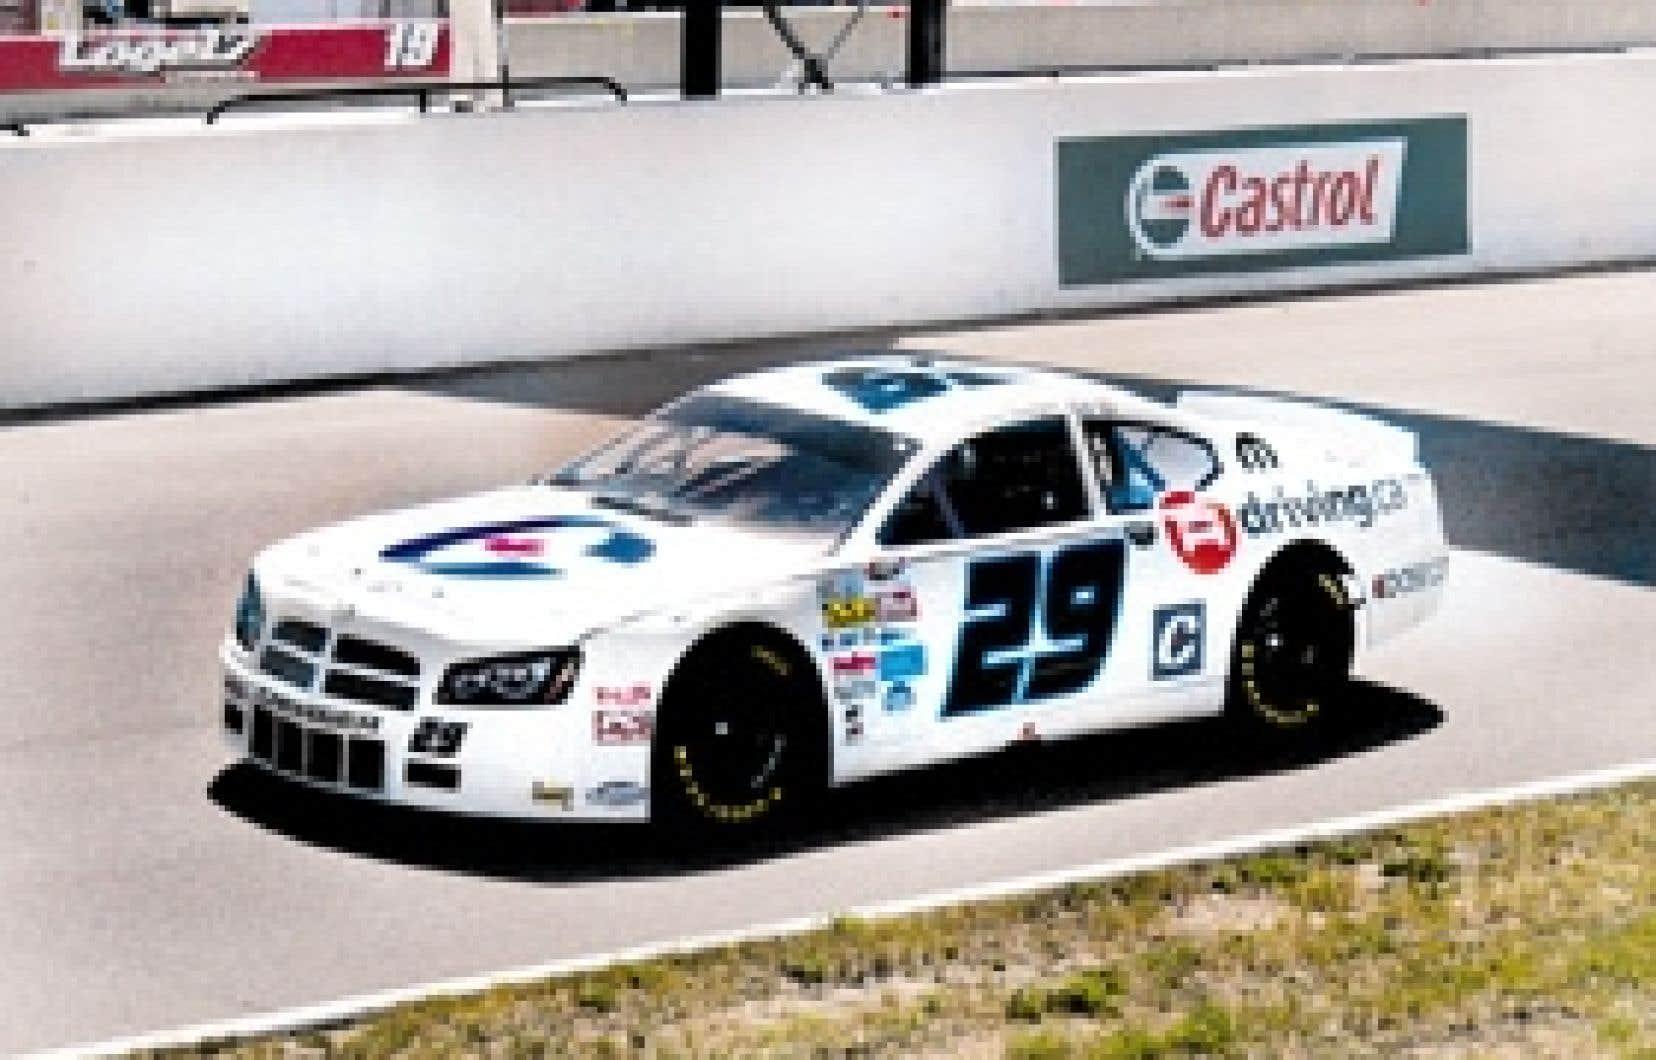 La voiture numéro 29 arborait les couleurs du Parti conservateur lors de la course NASCAR présentée dimanche à Bowmanville, en Ontario.